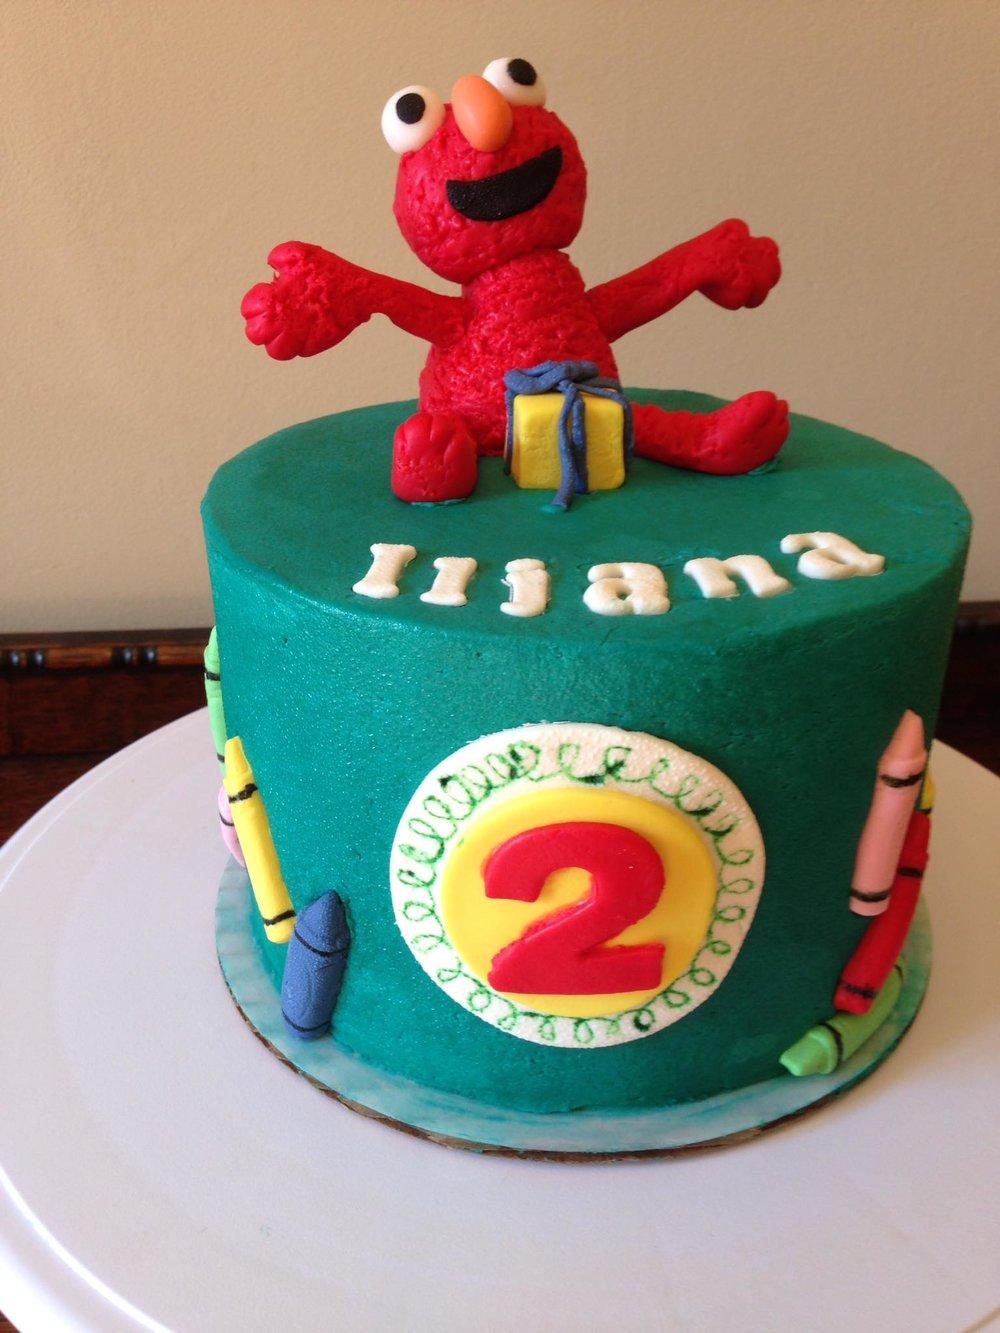 Phenomenal Cakes Portfolio Cupcakes To Cakes Funny Birthday Cards Online Inifodamsfinfo